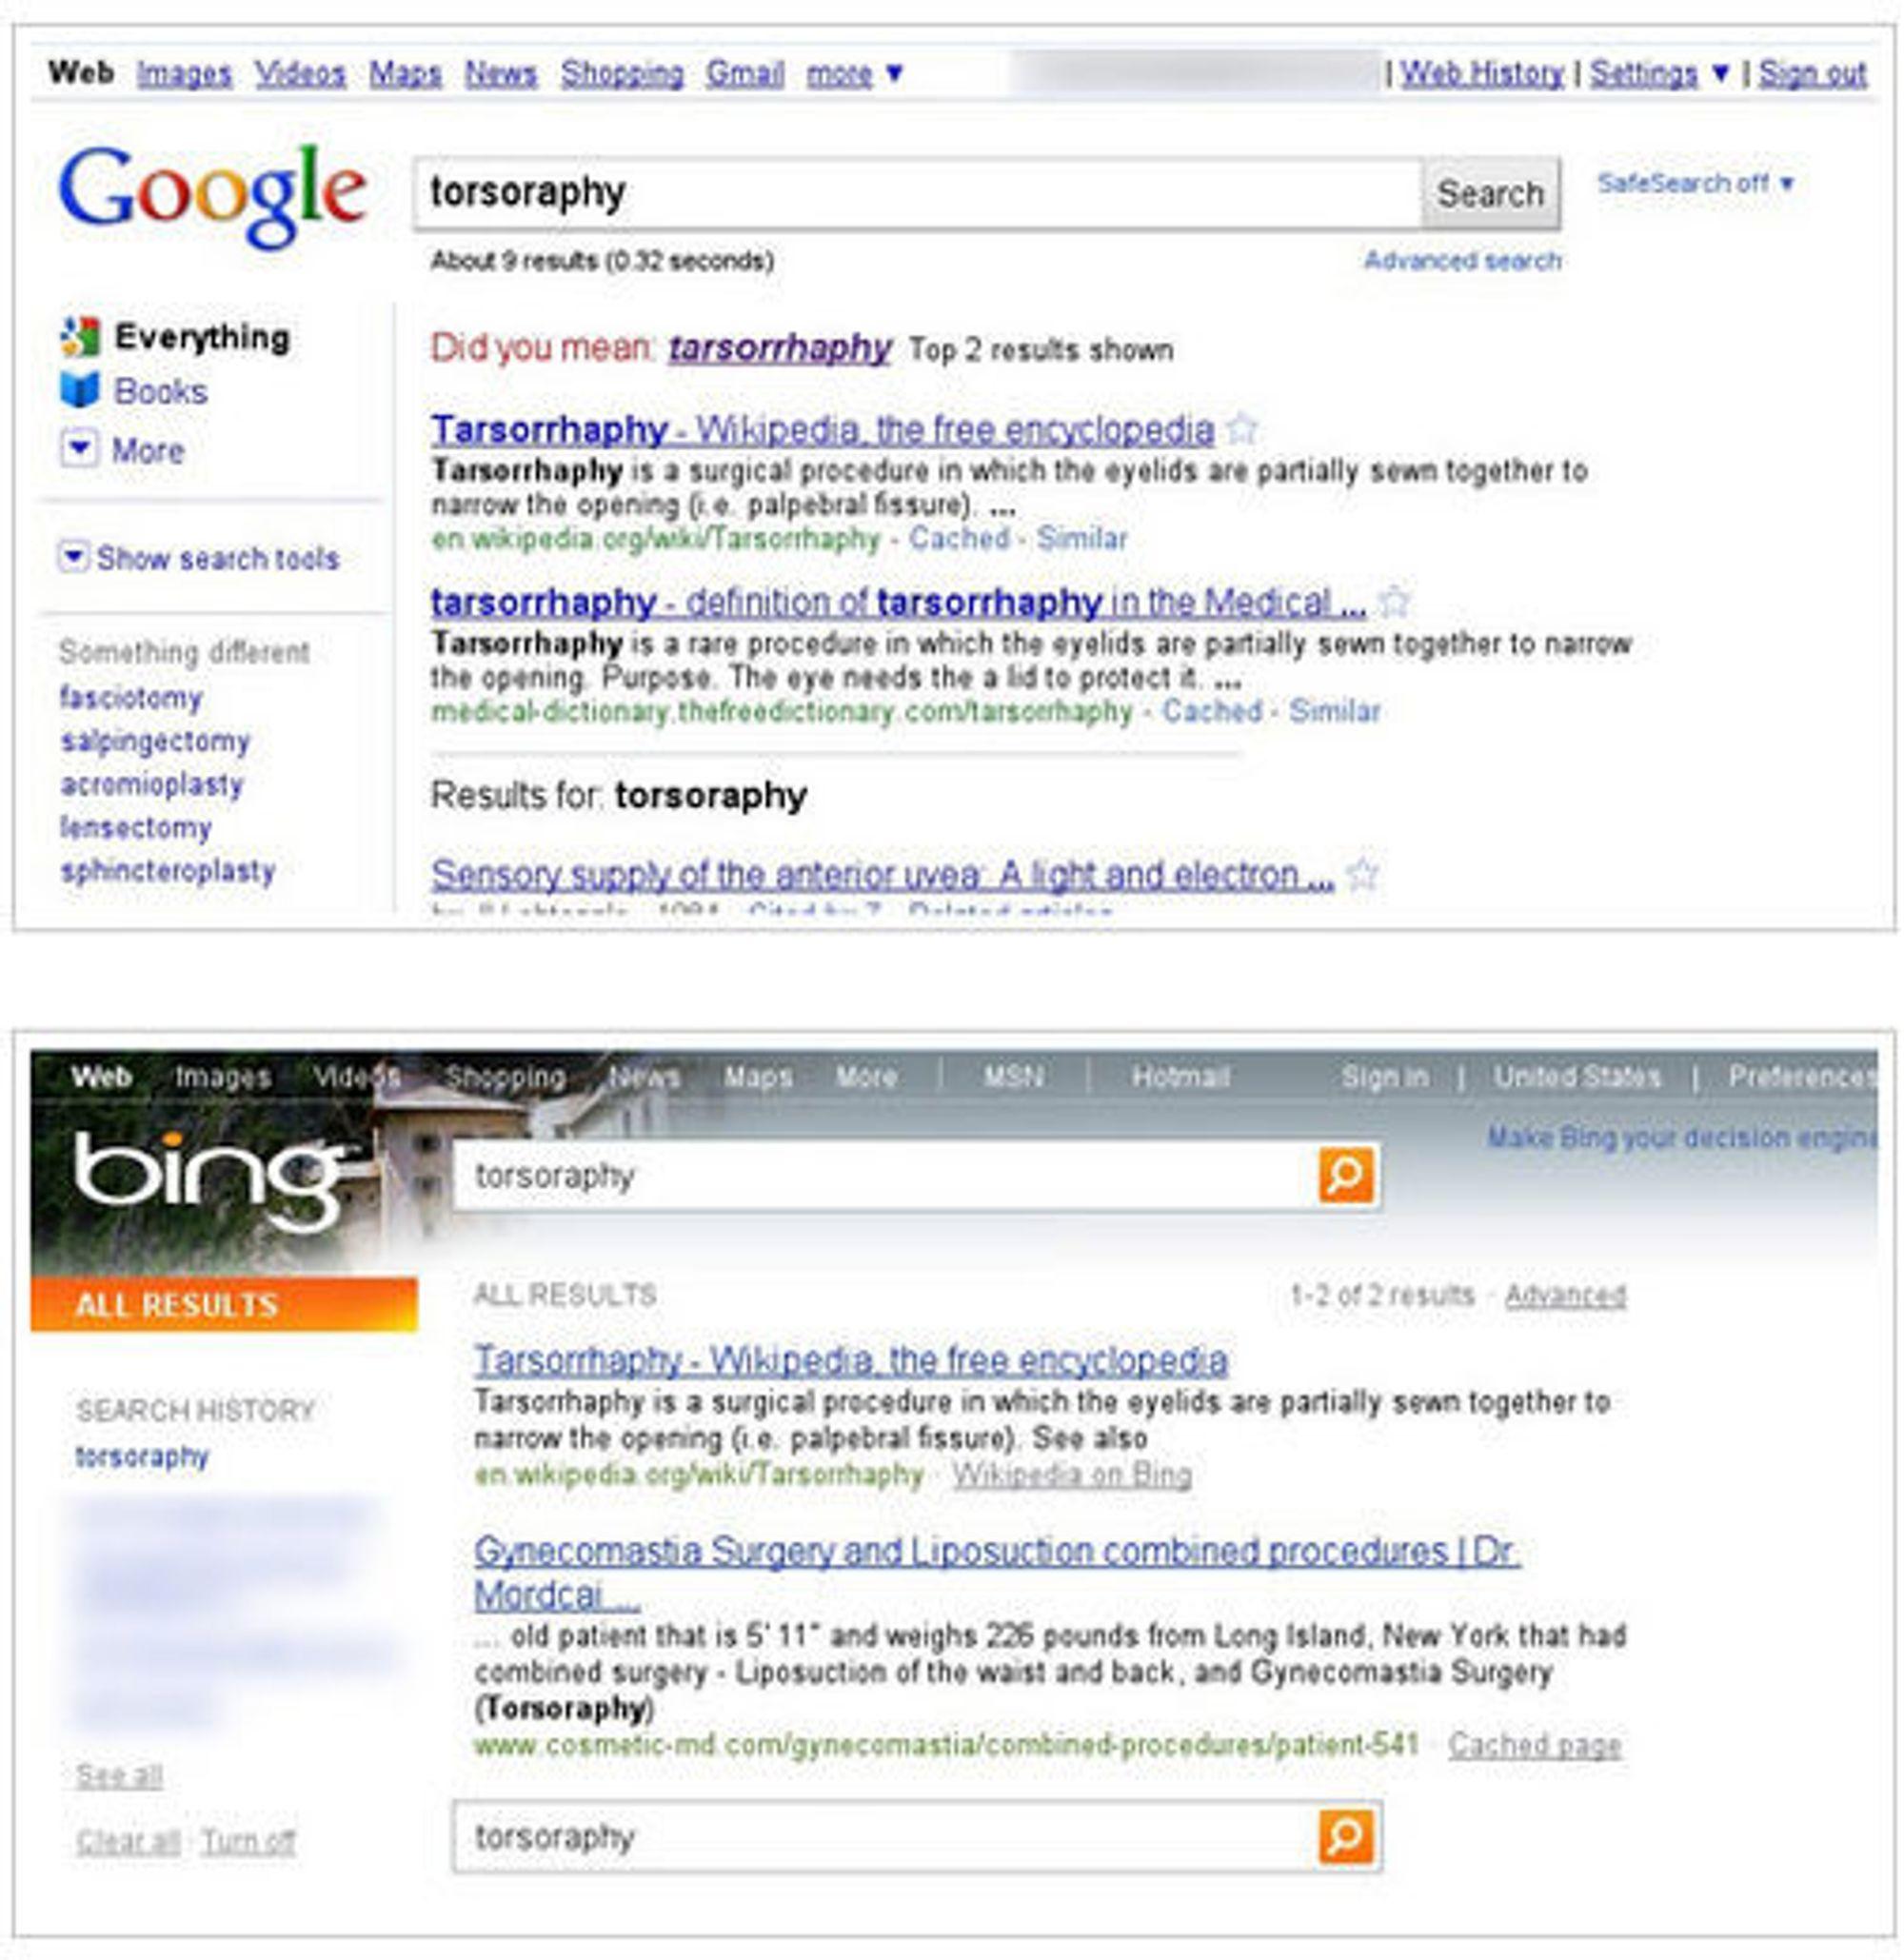 """Sammenligning av resultatene i Google Search og Bing ved søk etter """"torsoraphy"""". På grunn av omtalen av denne saken ser søkeresultatene helt annerledes ut nå."""